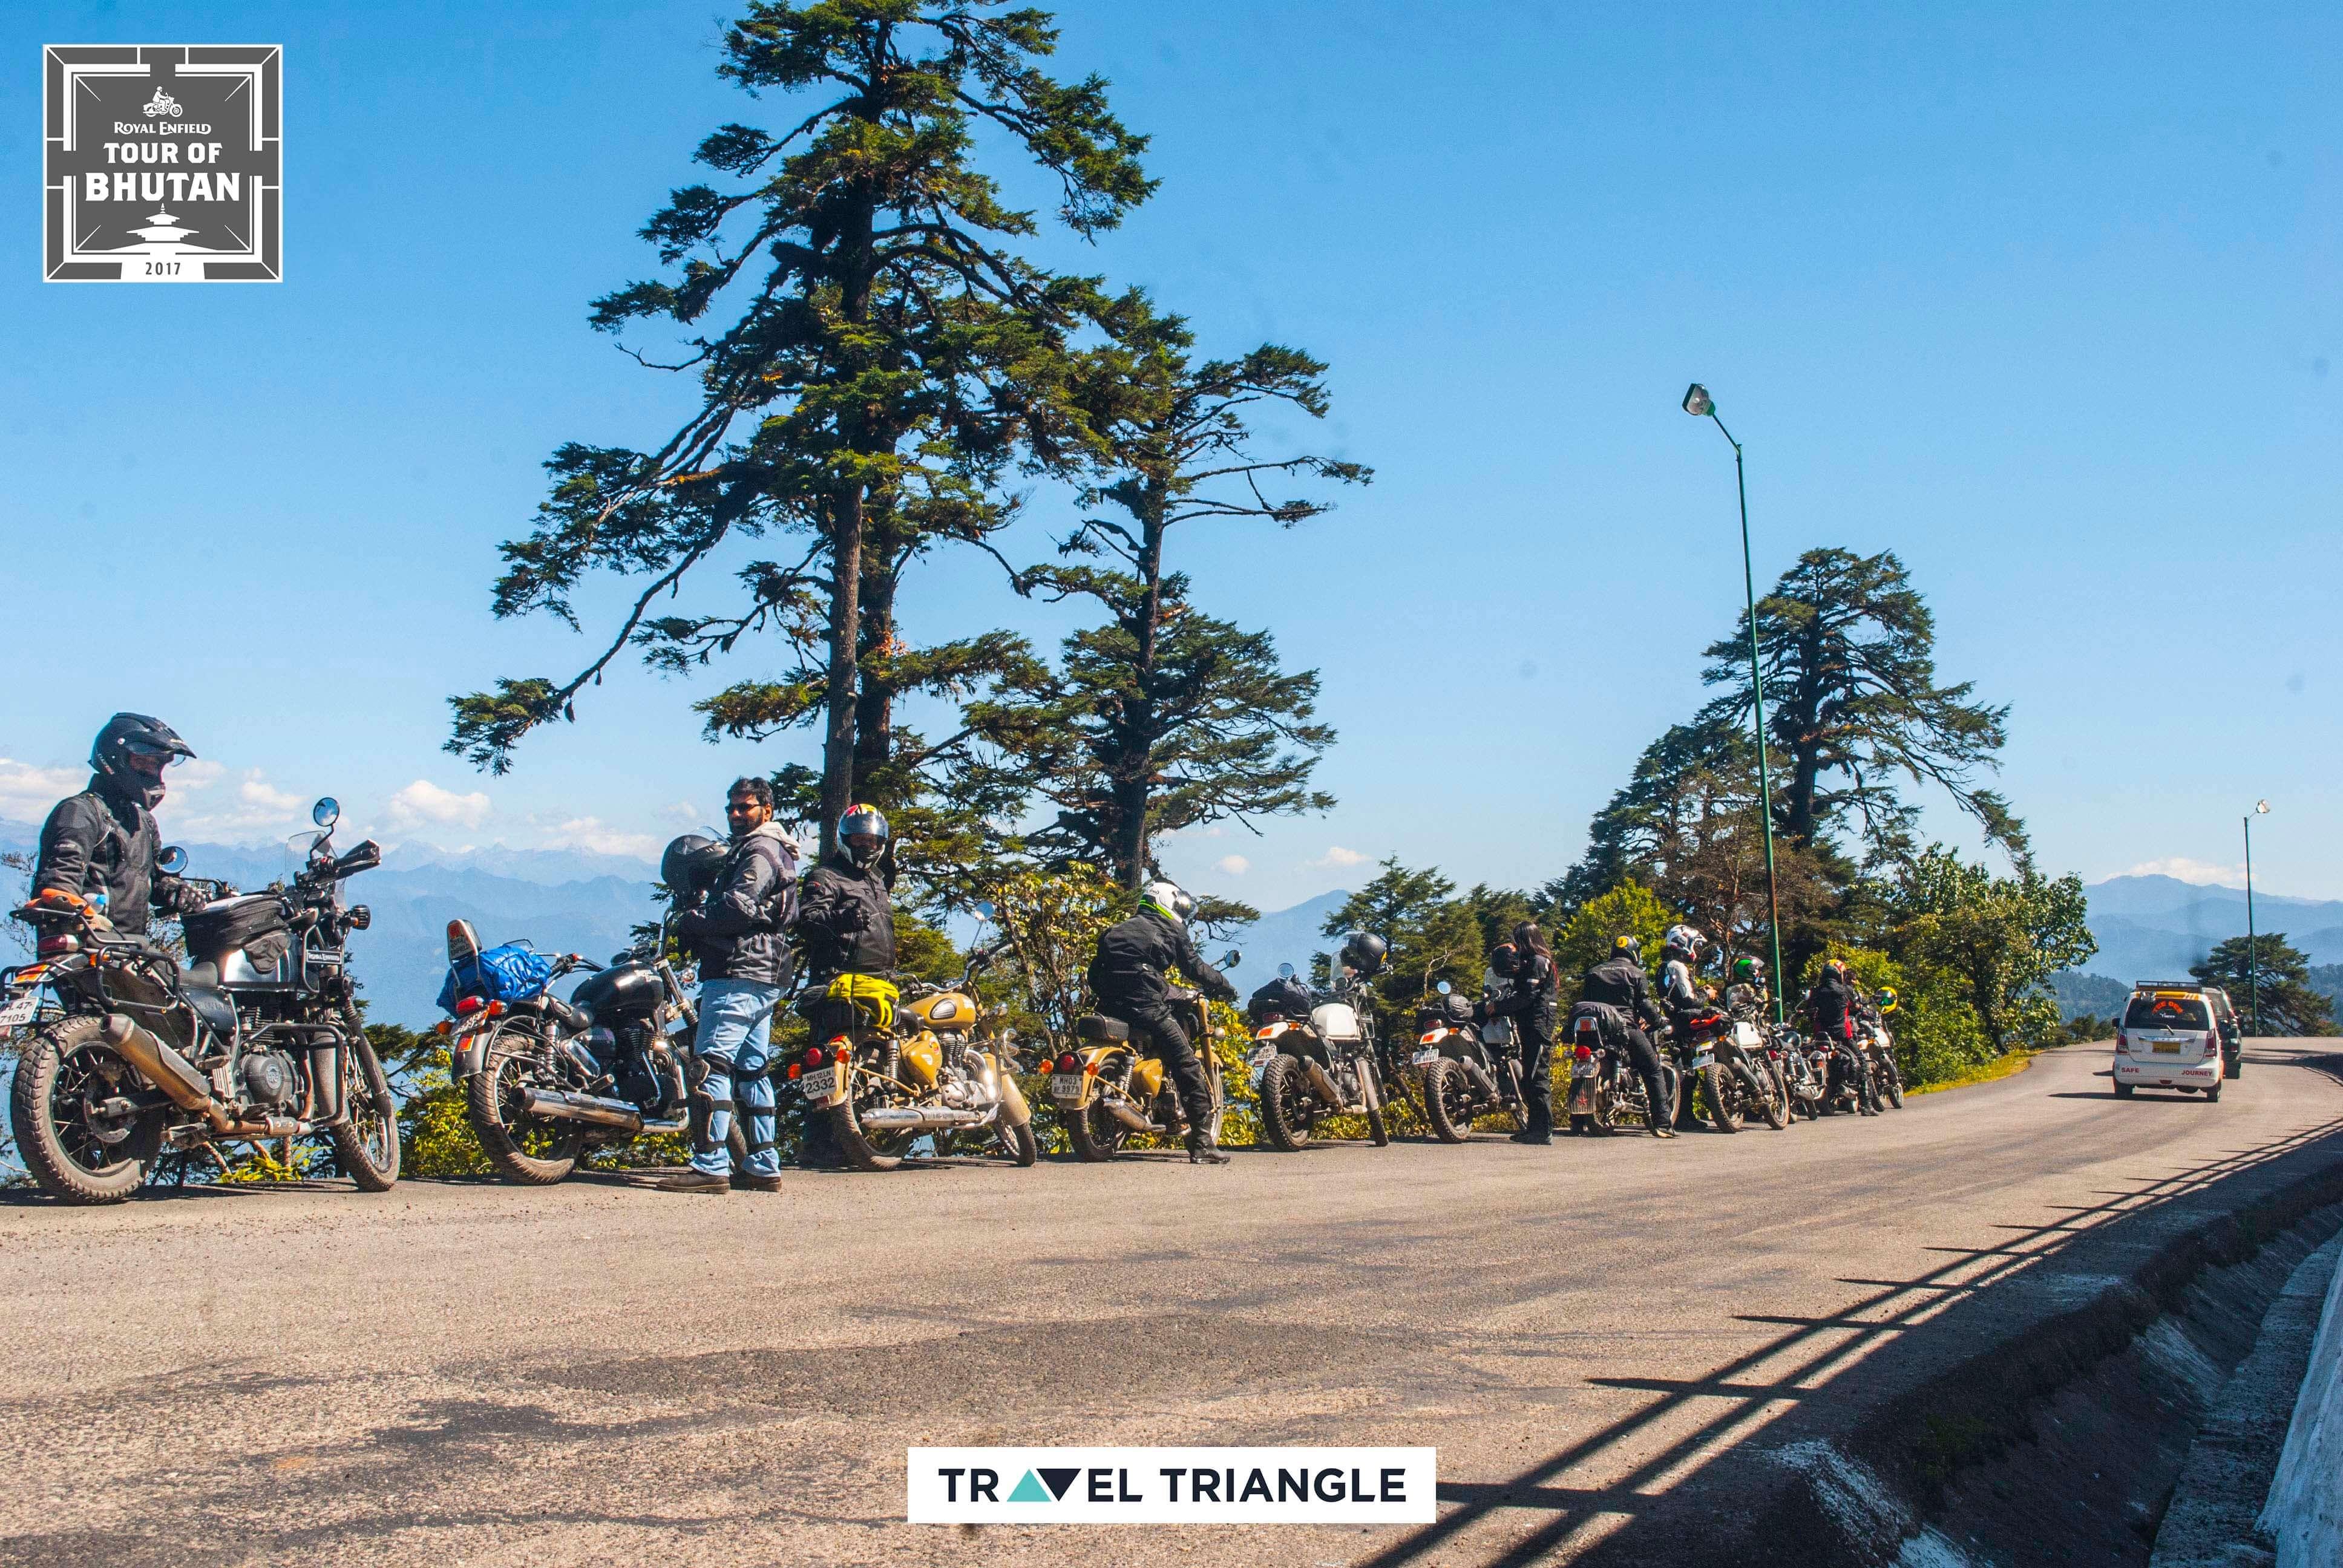 Thimphu to Punakha: the riders